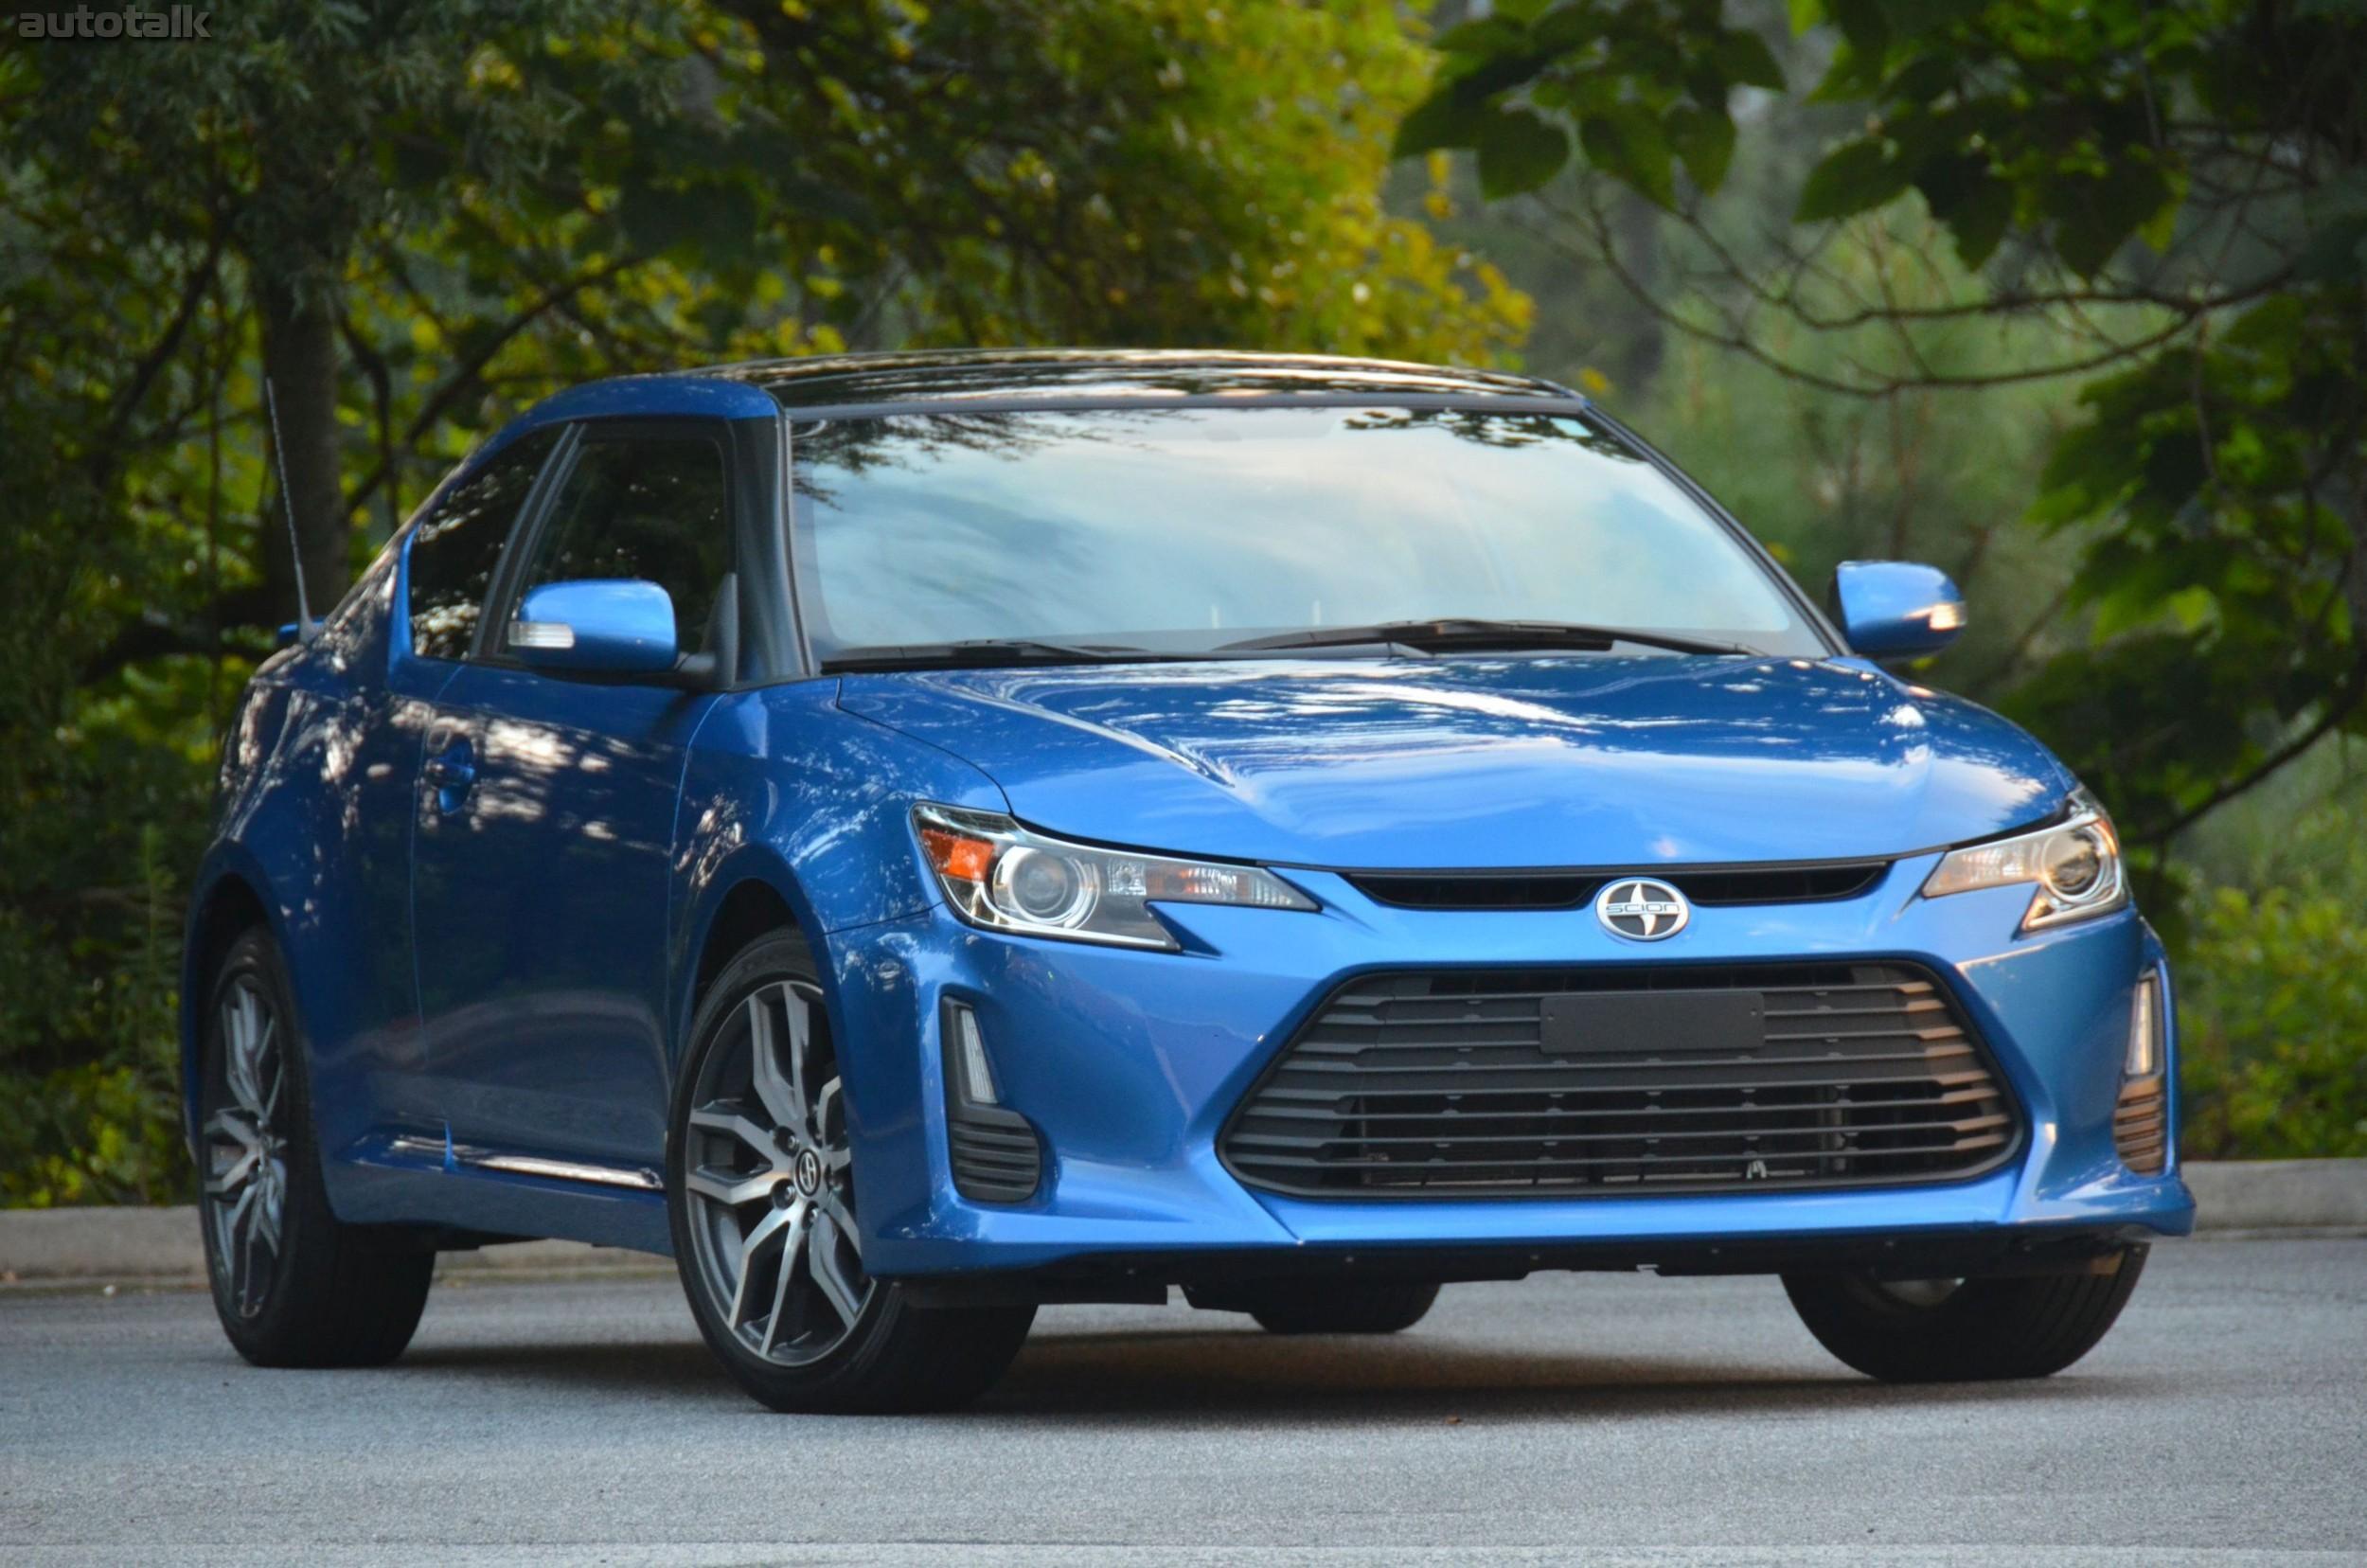 2014 Scion Tc Review Autotalk